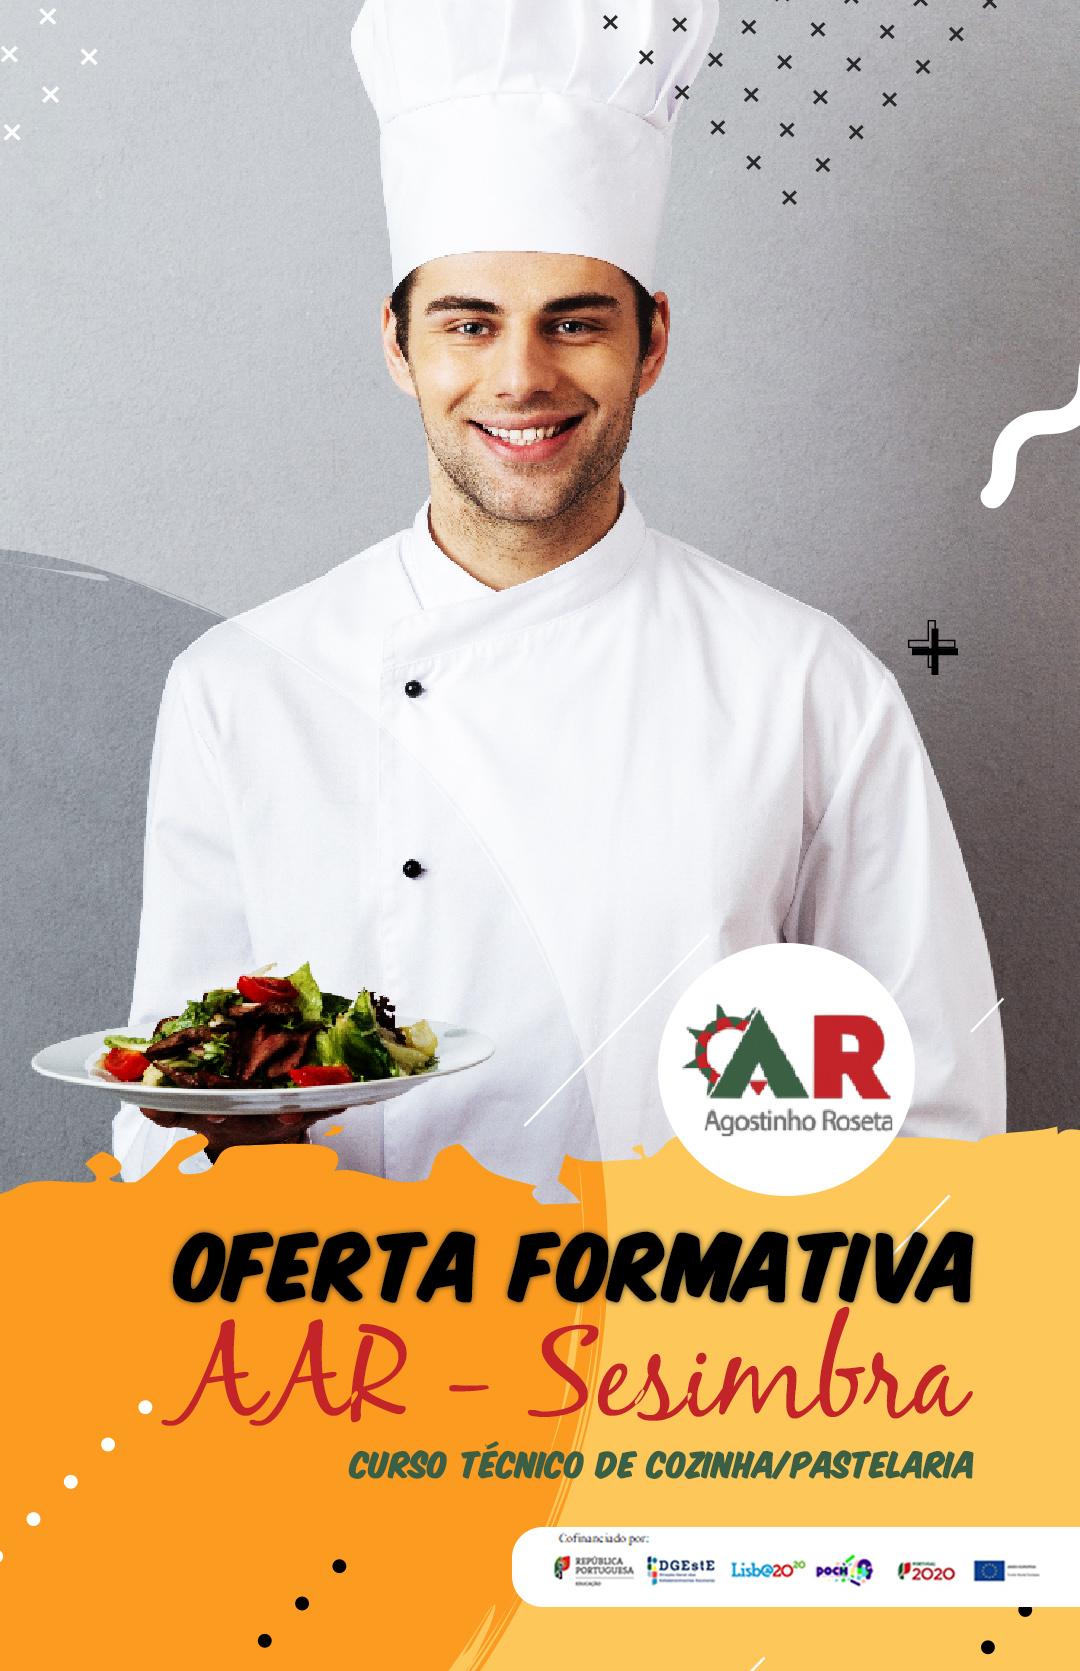 Oferta formativa _ Sesimbra   _ Curso Técnico de Cozinha/Pastelaria